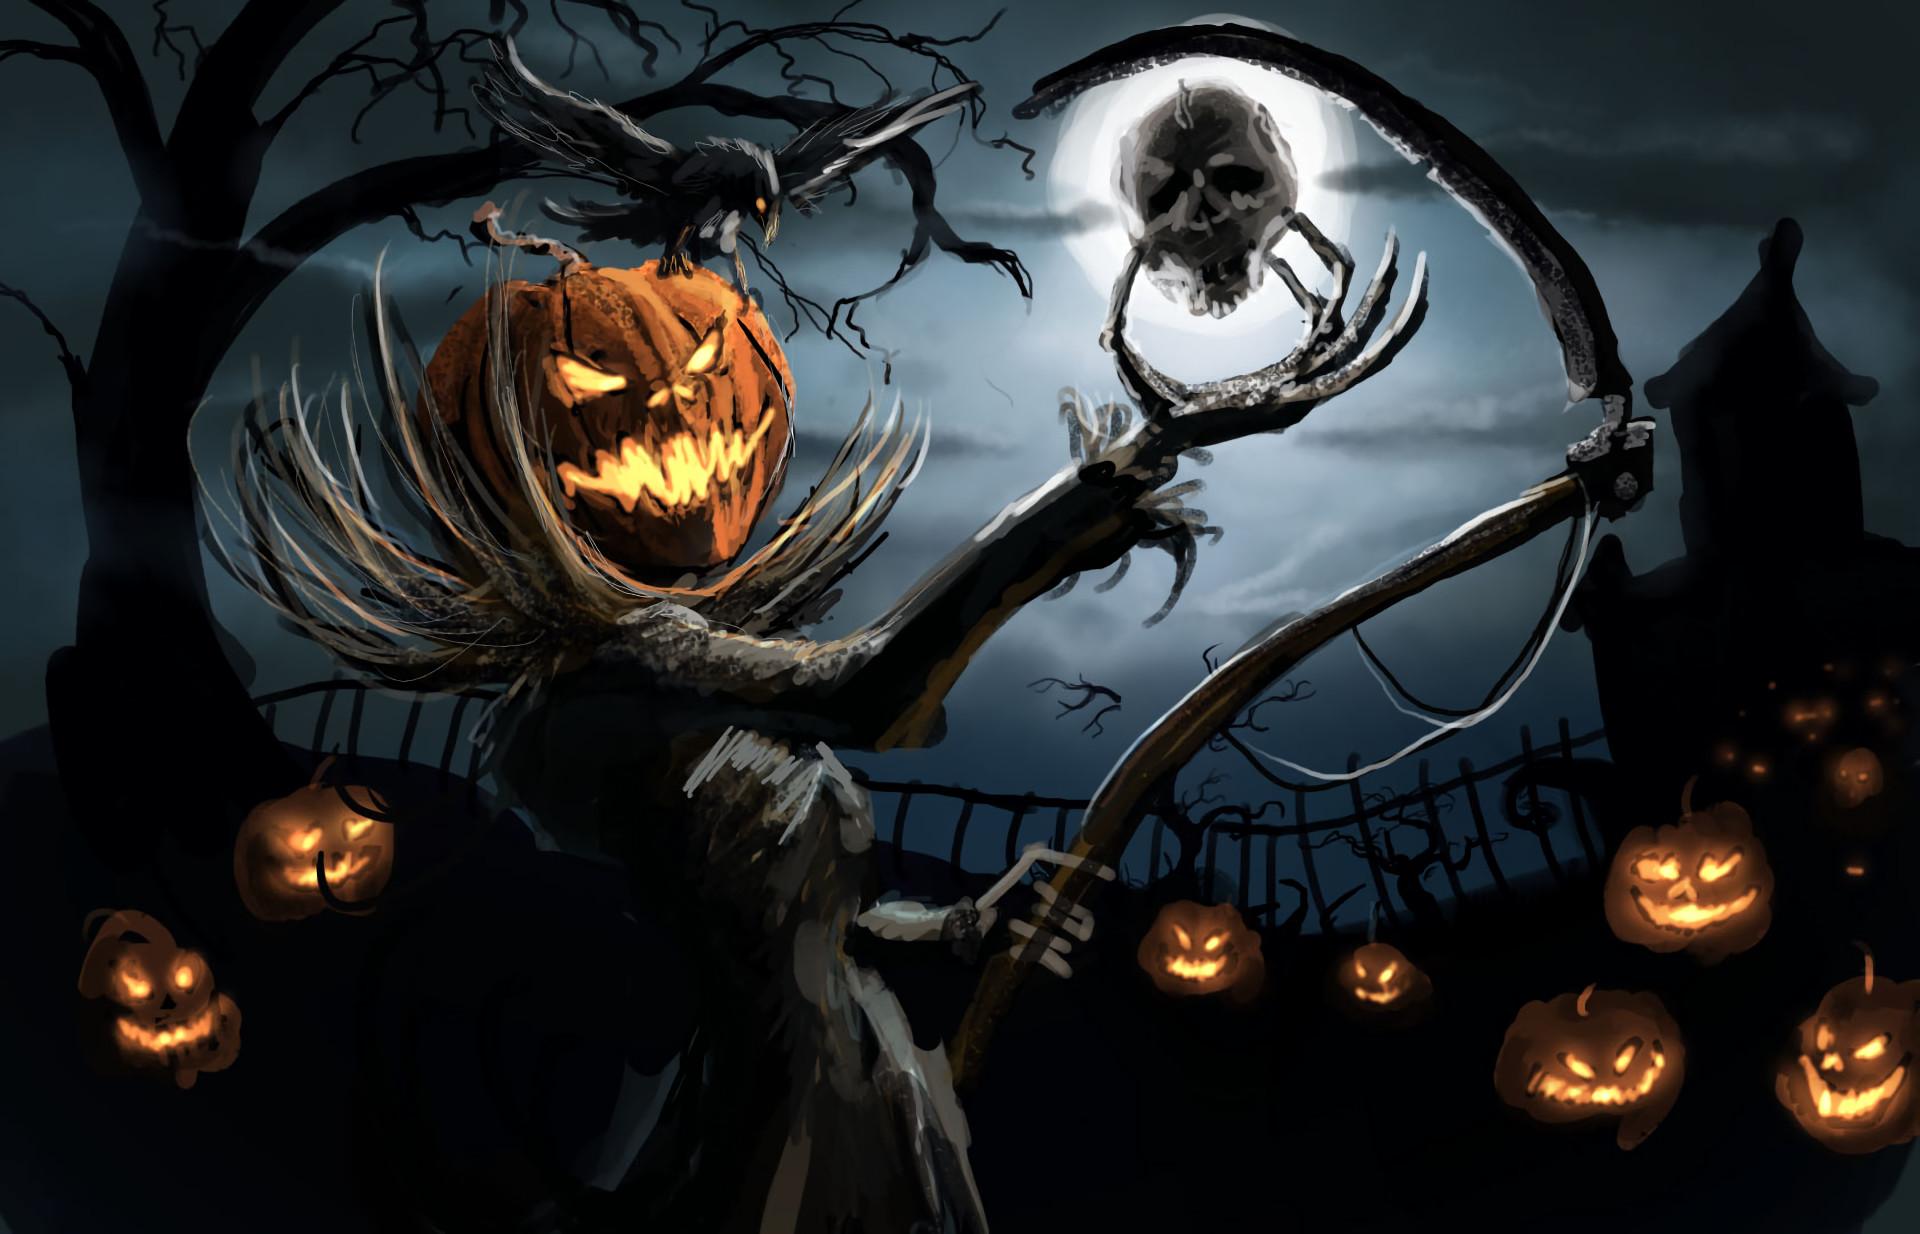 HD Halloween Desktop Backgrounds 77 images 1920x1234